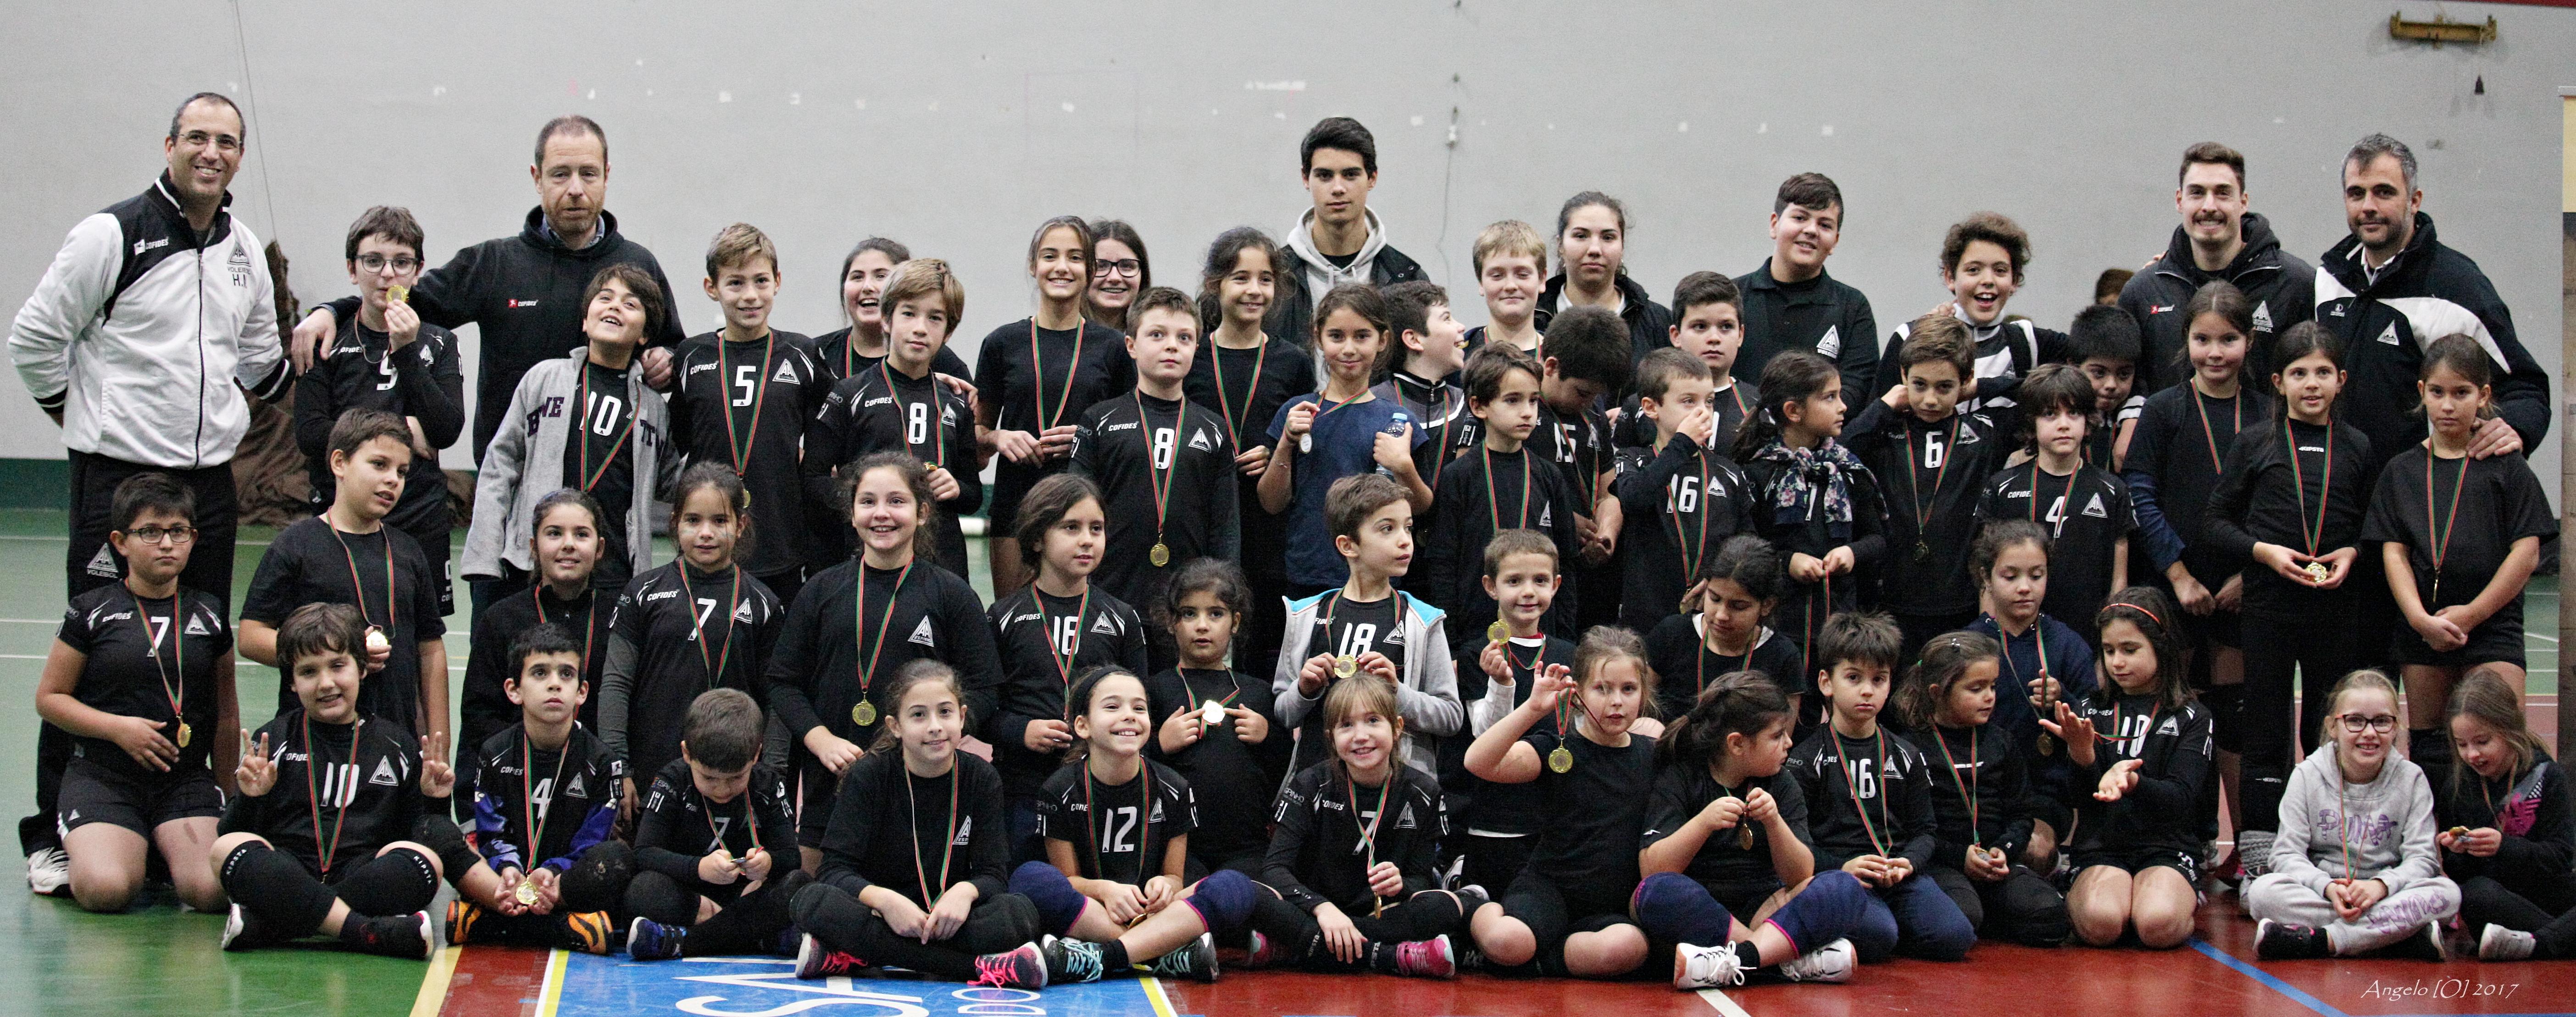 Voleibol: Resultados dos escalões de formação da AAE